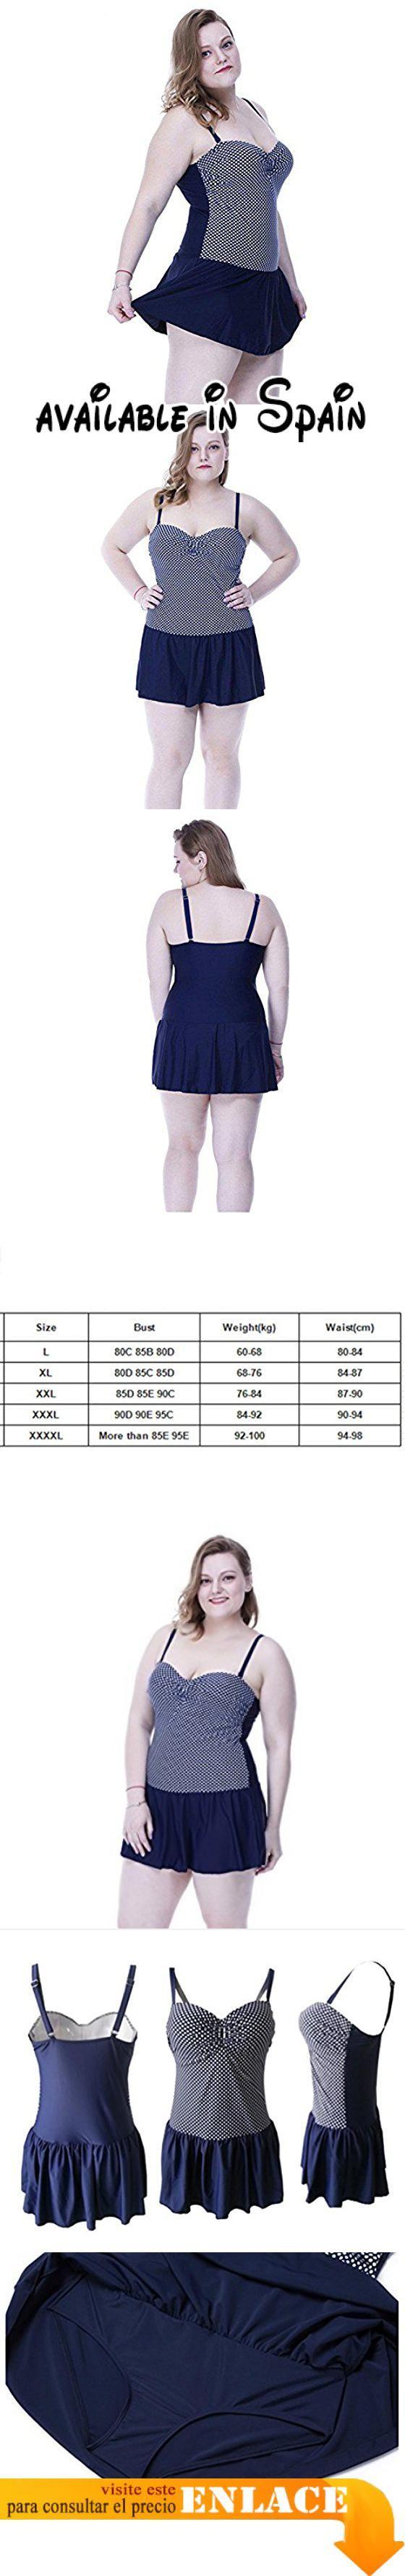 B06XR8HDTF : SHISHANG Las mujeres traje de baño de cuerpo de bikini traje de baño de Europa y la playa del traje de baño de aguas termales complejo de alta elasticidad protección del medio ambiente de Estados Unidos  zhangs blue  xl. Material: 87% poliester spandex del 2057% Elasticidad: elasticidad suave buena. Características: impermeable durable respetuoso del medio ambiente superelastic versión perfecta del diseño mano de obra exquisita para crear una